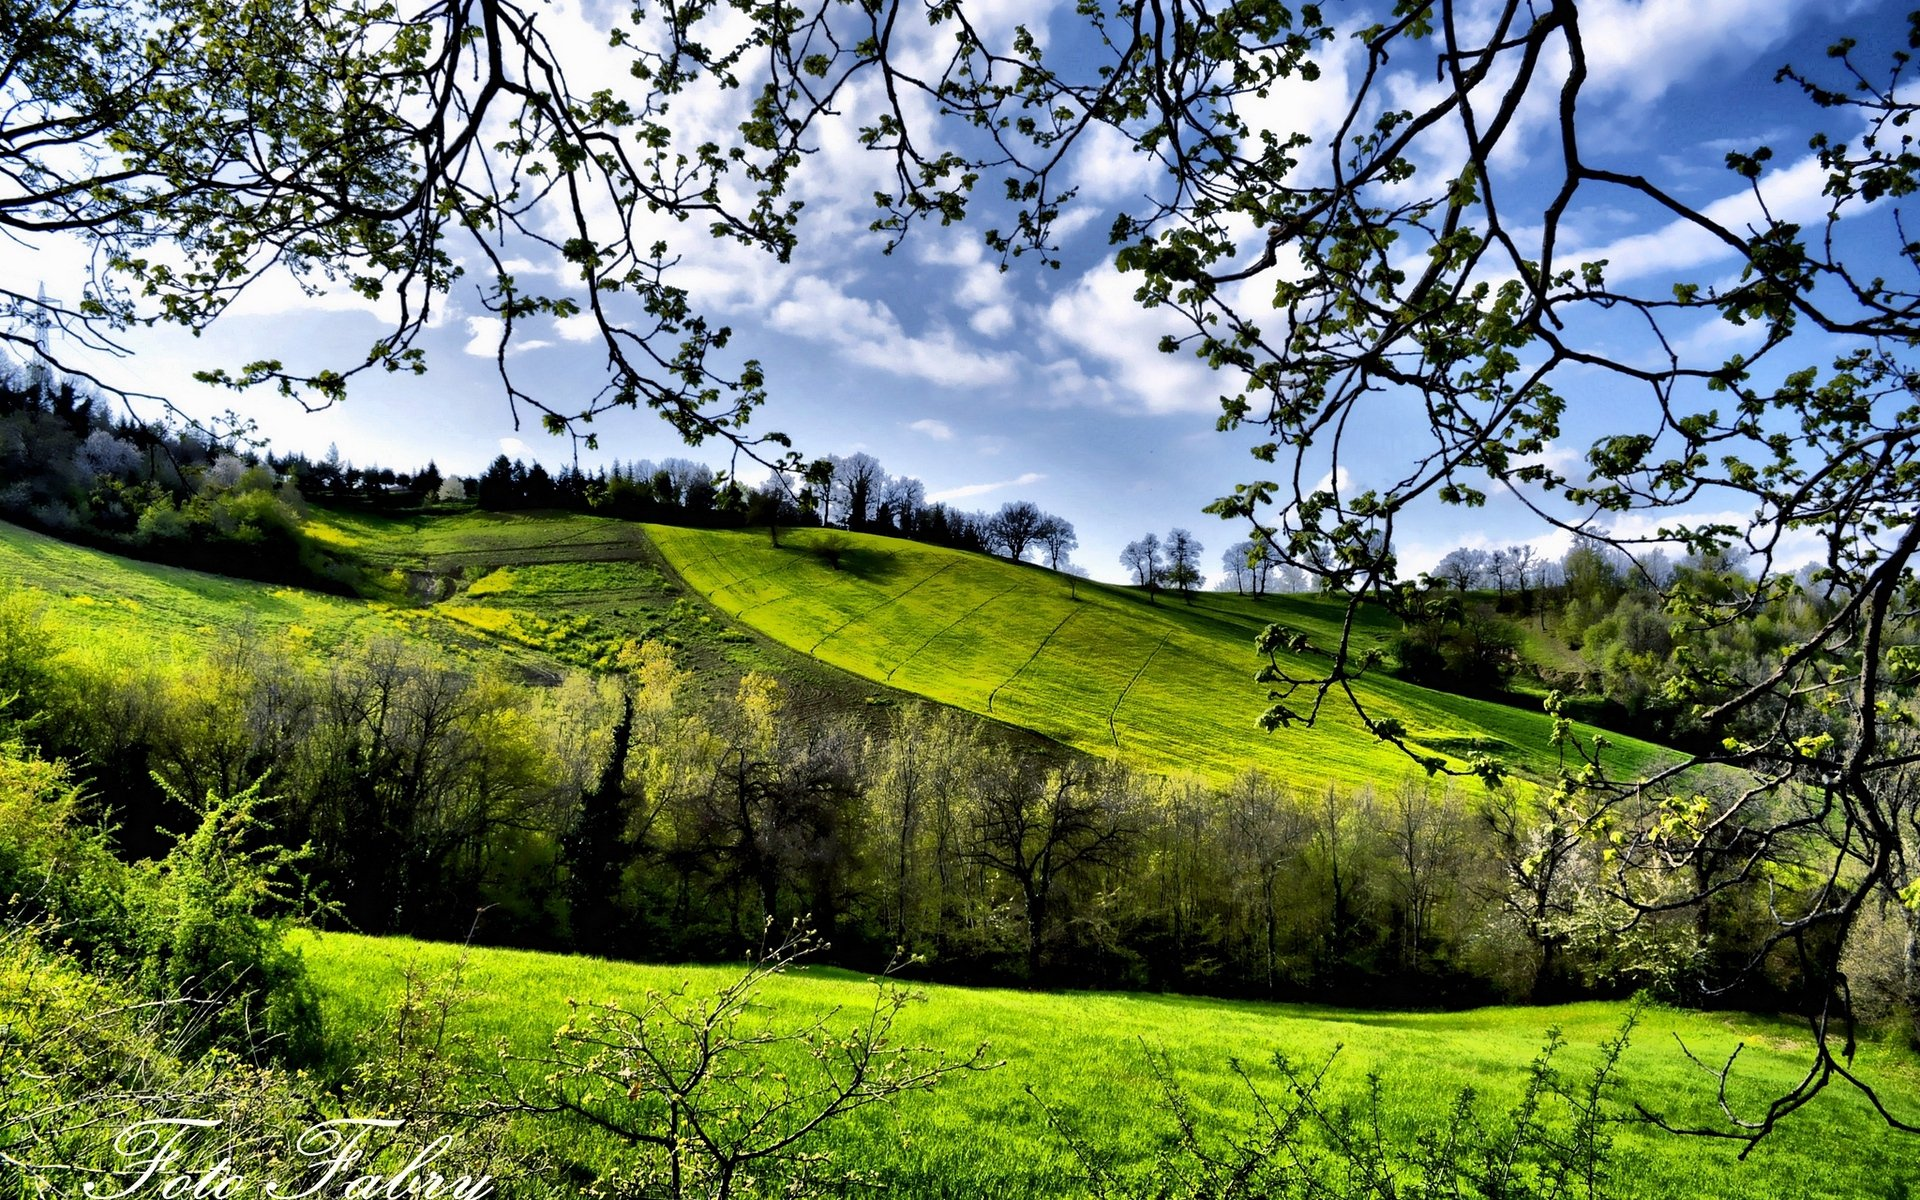 весна, поля, деревья, зелень, обои hd